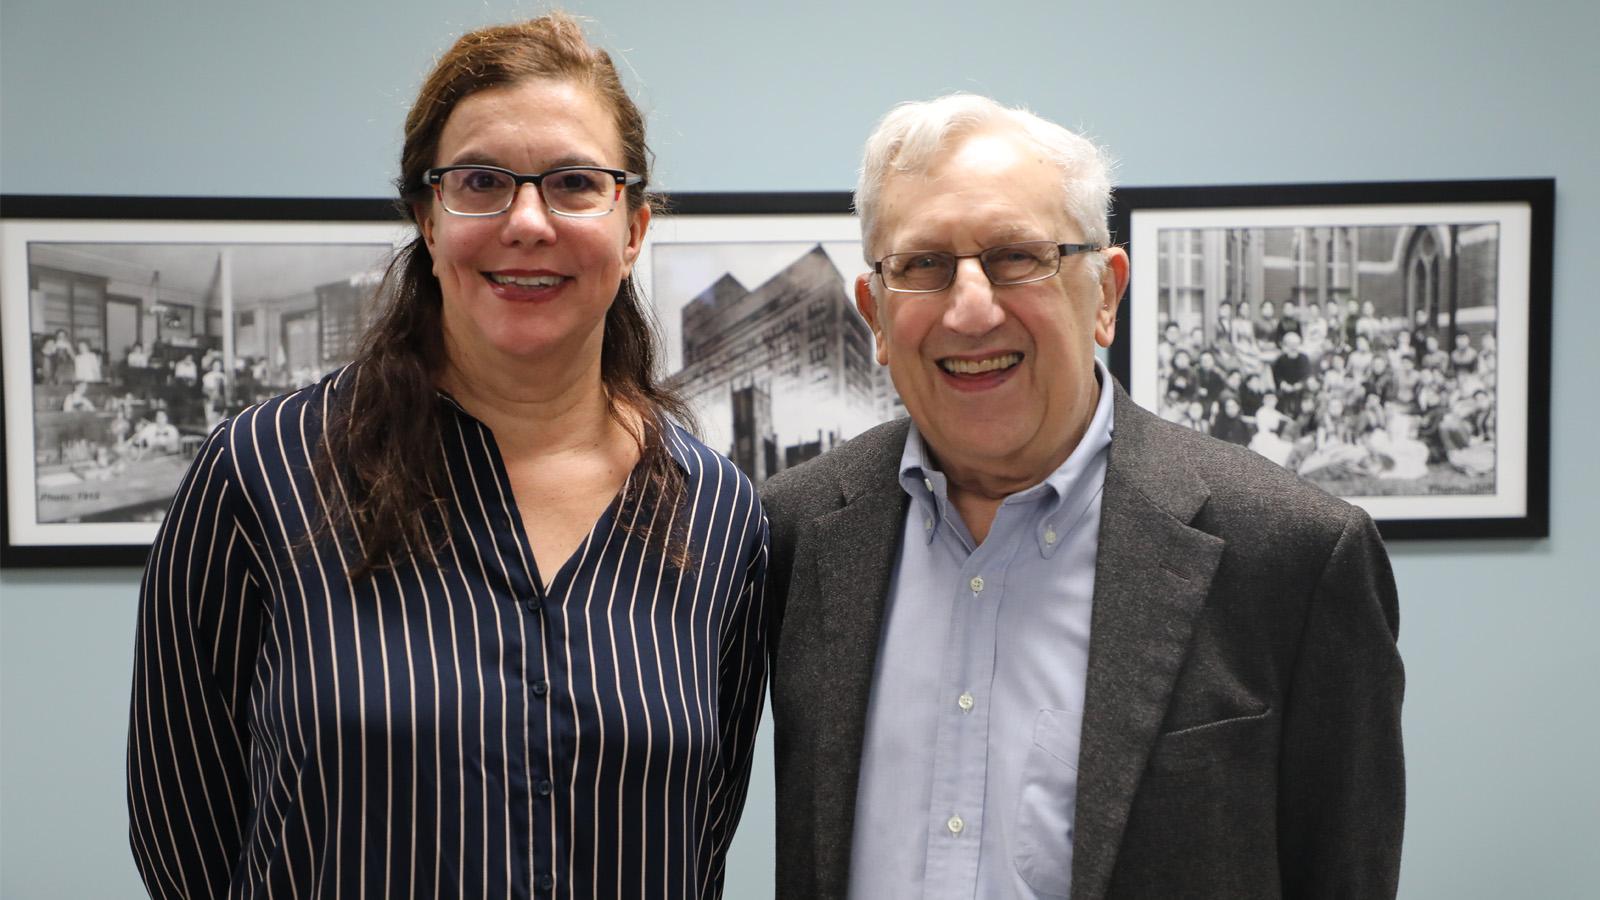 Leah Garrett and Robert Seltzer